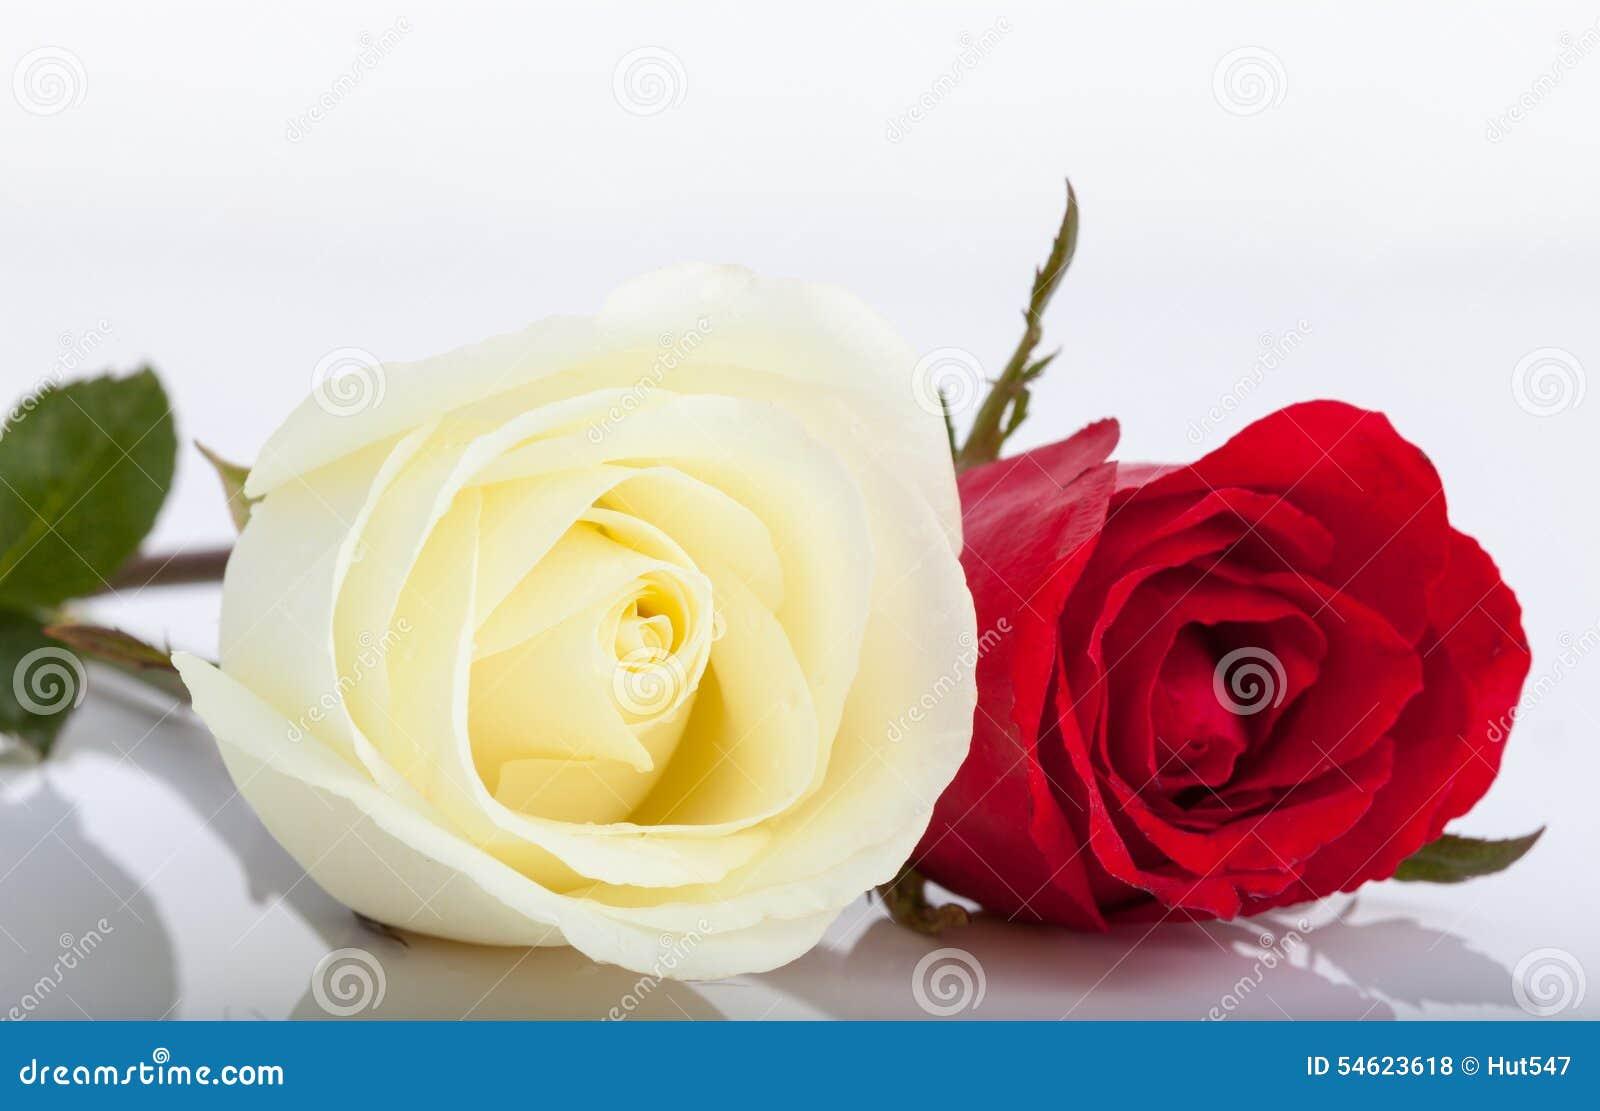 Большая роза из бумаги 72